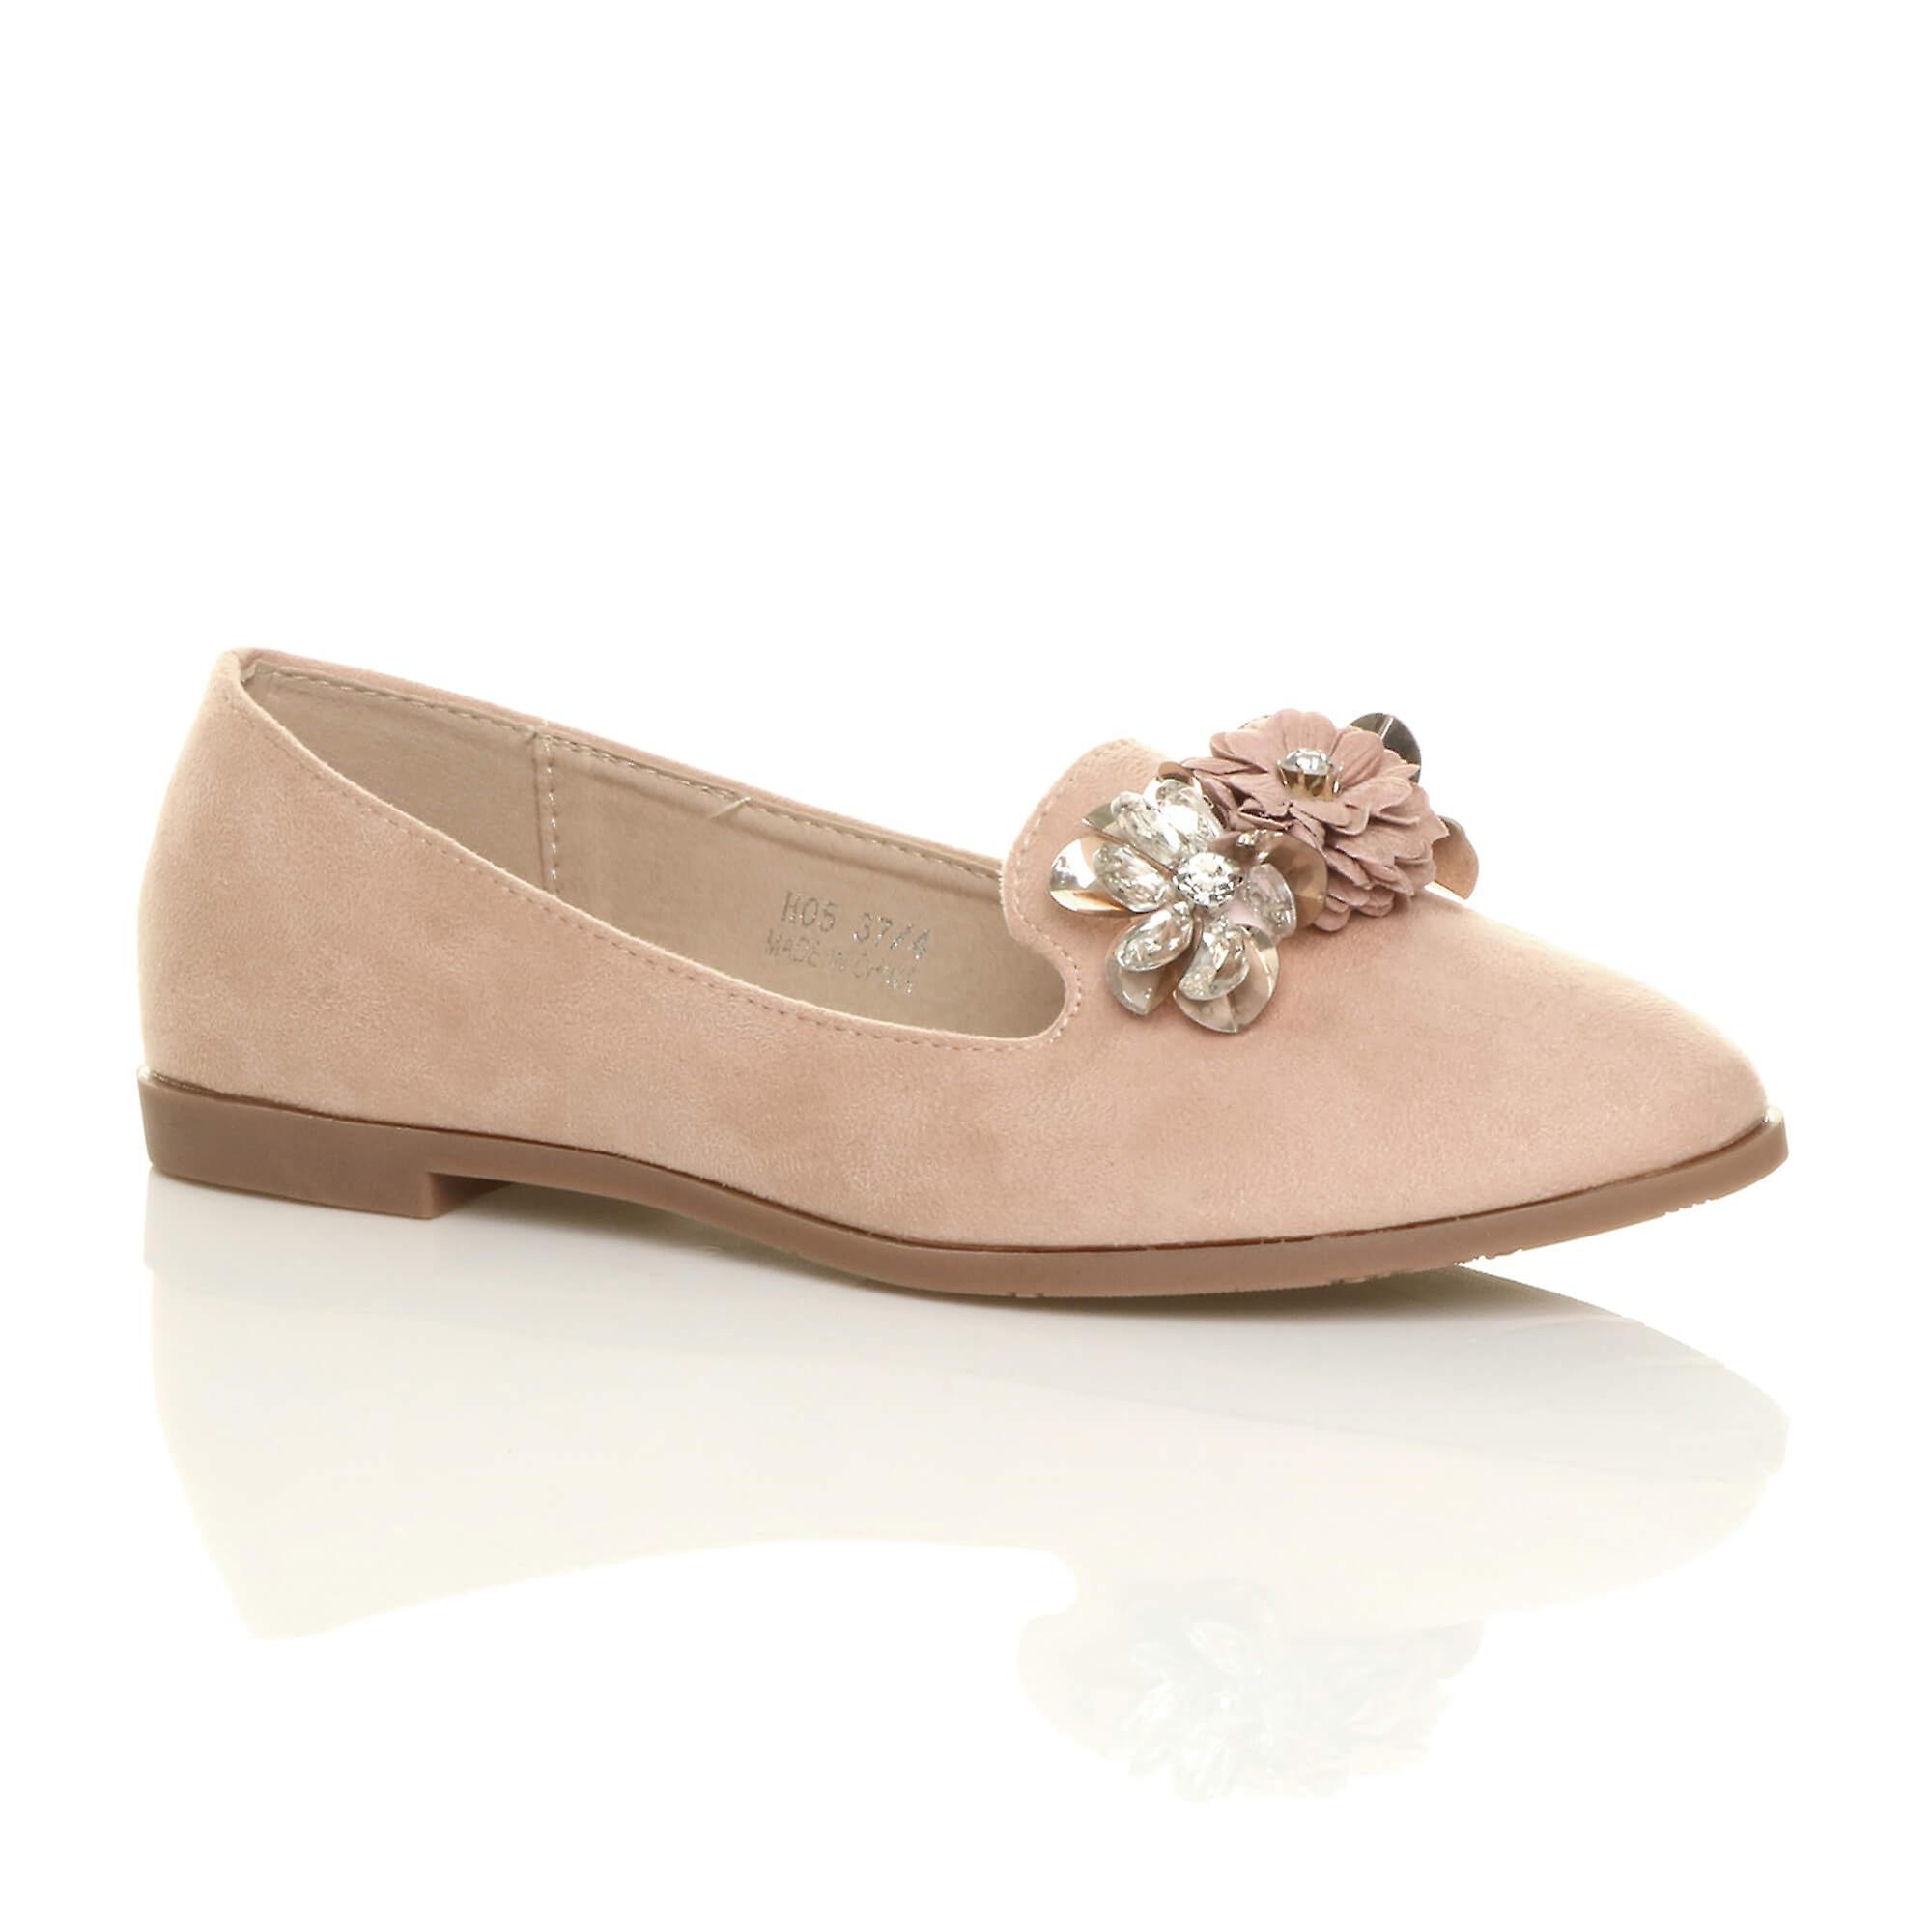 Ajvani damskie niskim kwiat diamante klejnot mokasyny balerinki czółenka dolly buty 3xlCZ